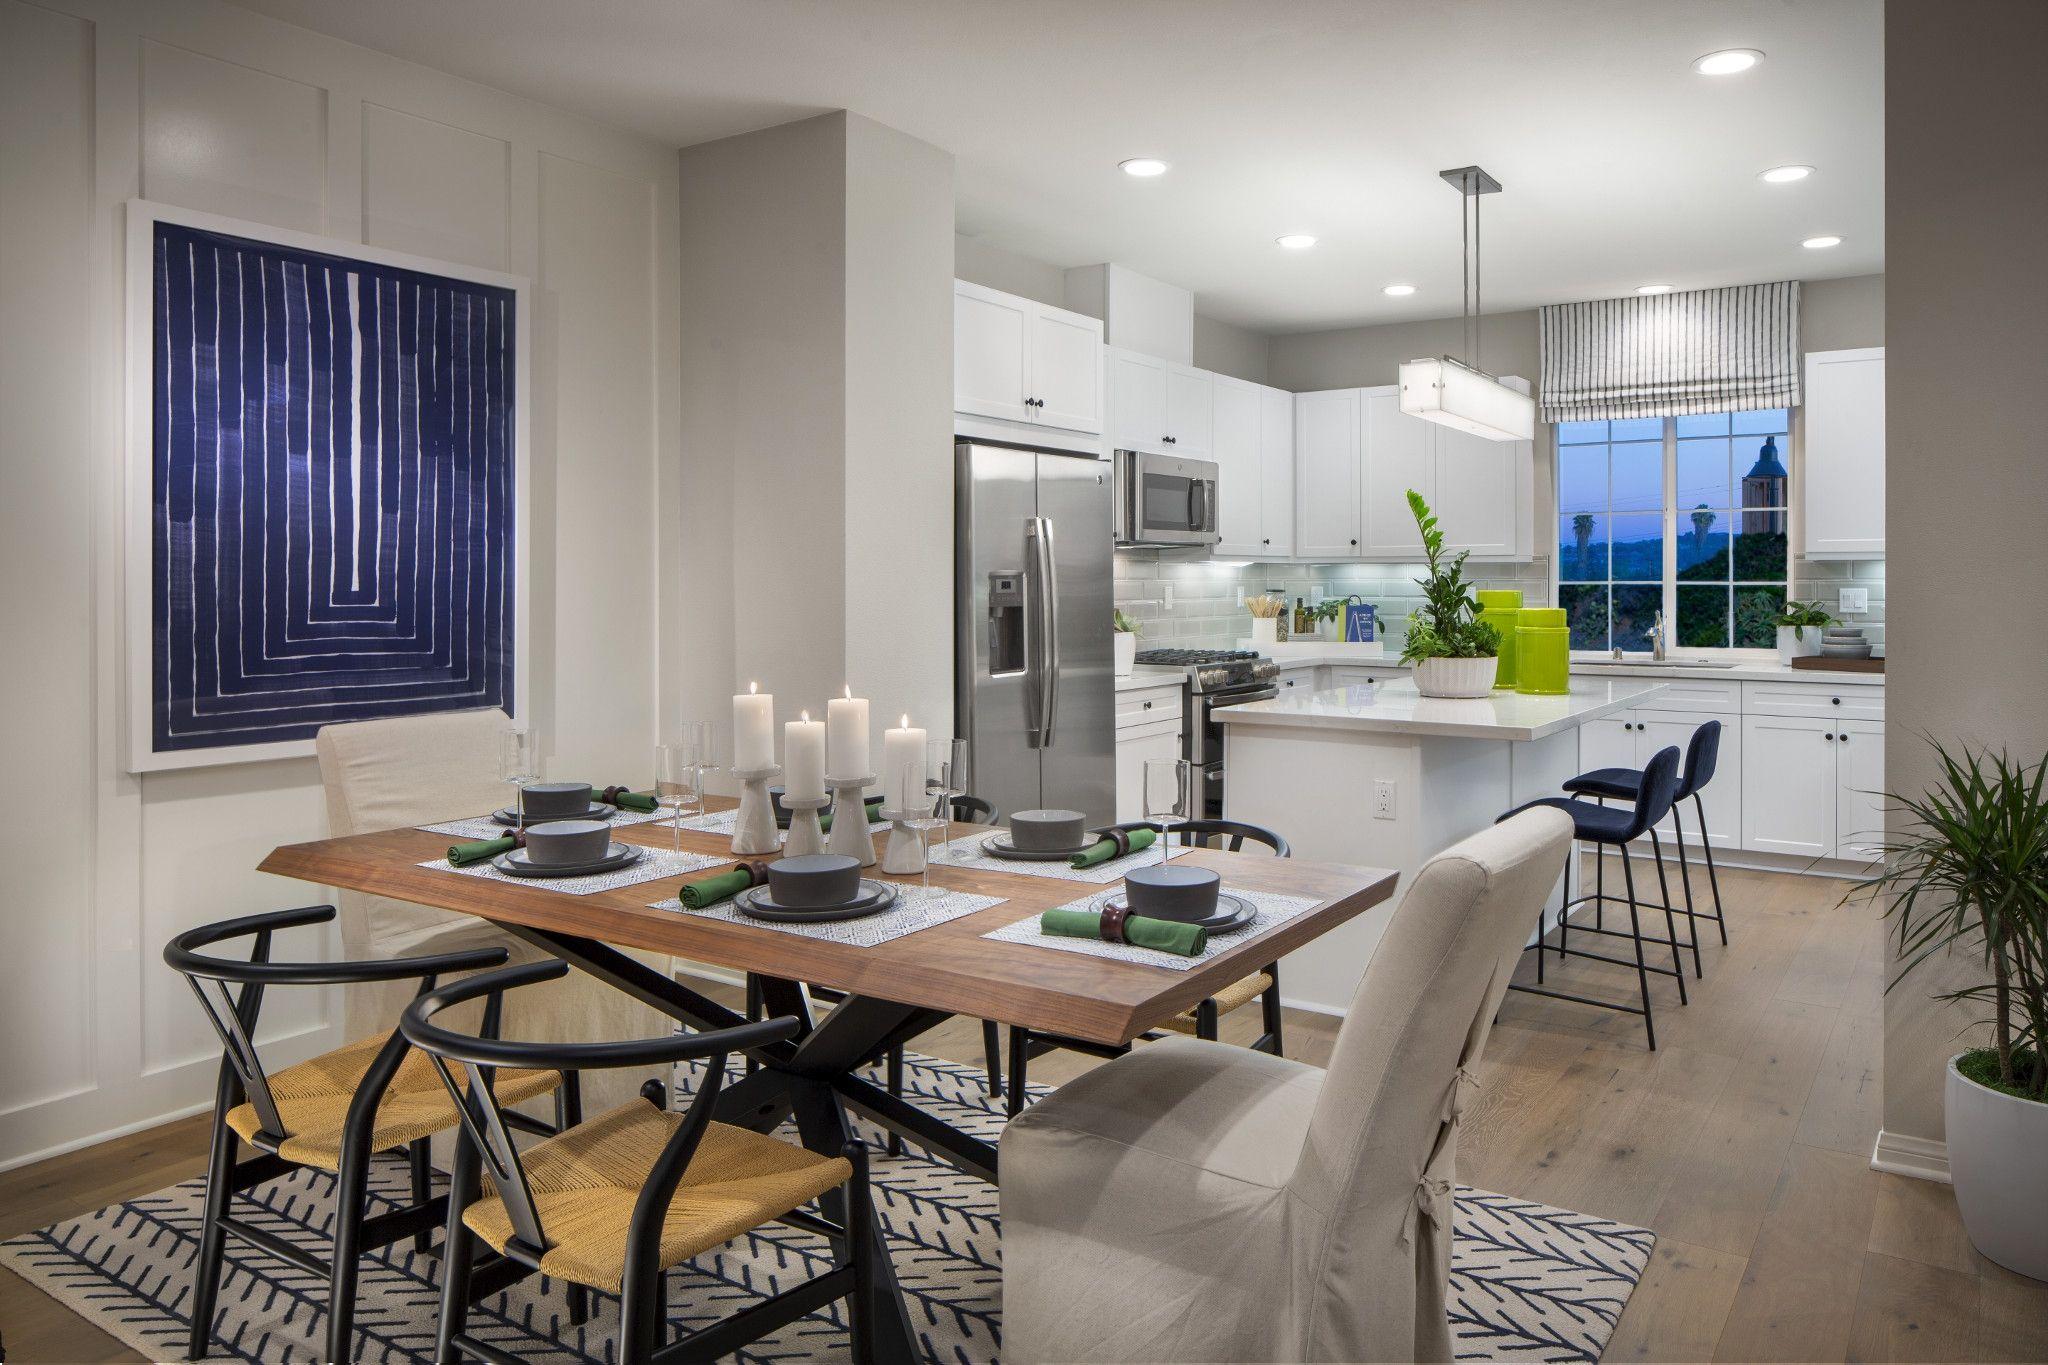 Kitchen-in-Residence 2-at-Skylark-in-La Habra